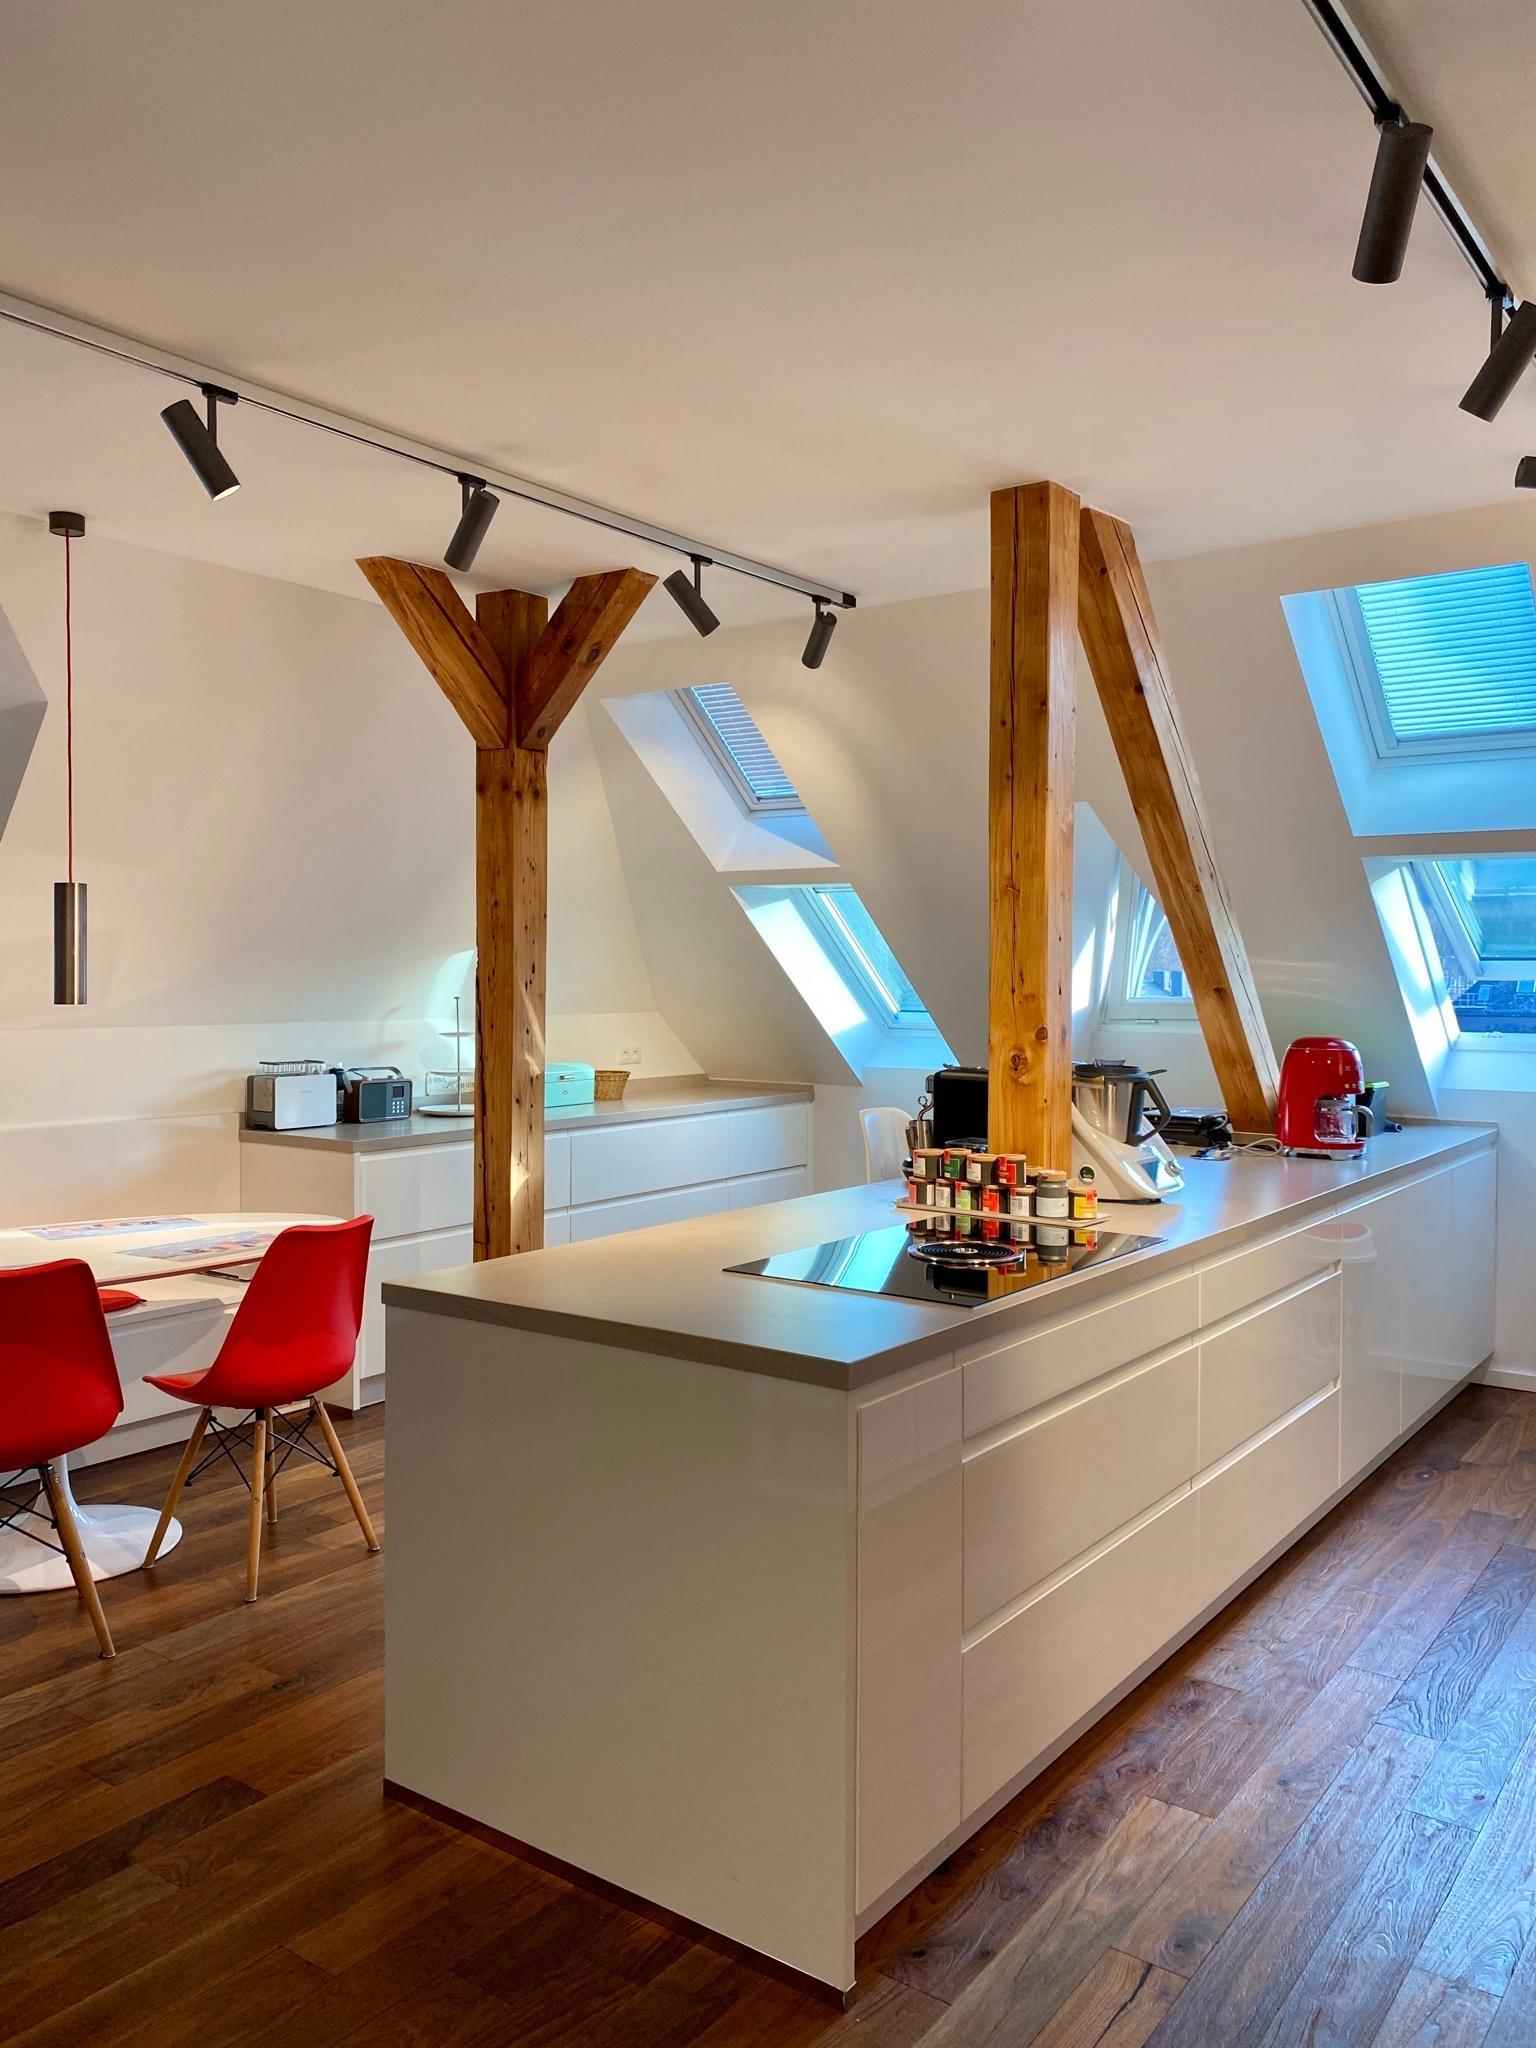 Full Size of Küchenideen Kitcheninspo Kchenideen Altbauwohnung Couch Wohnzimmer Küchenideen